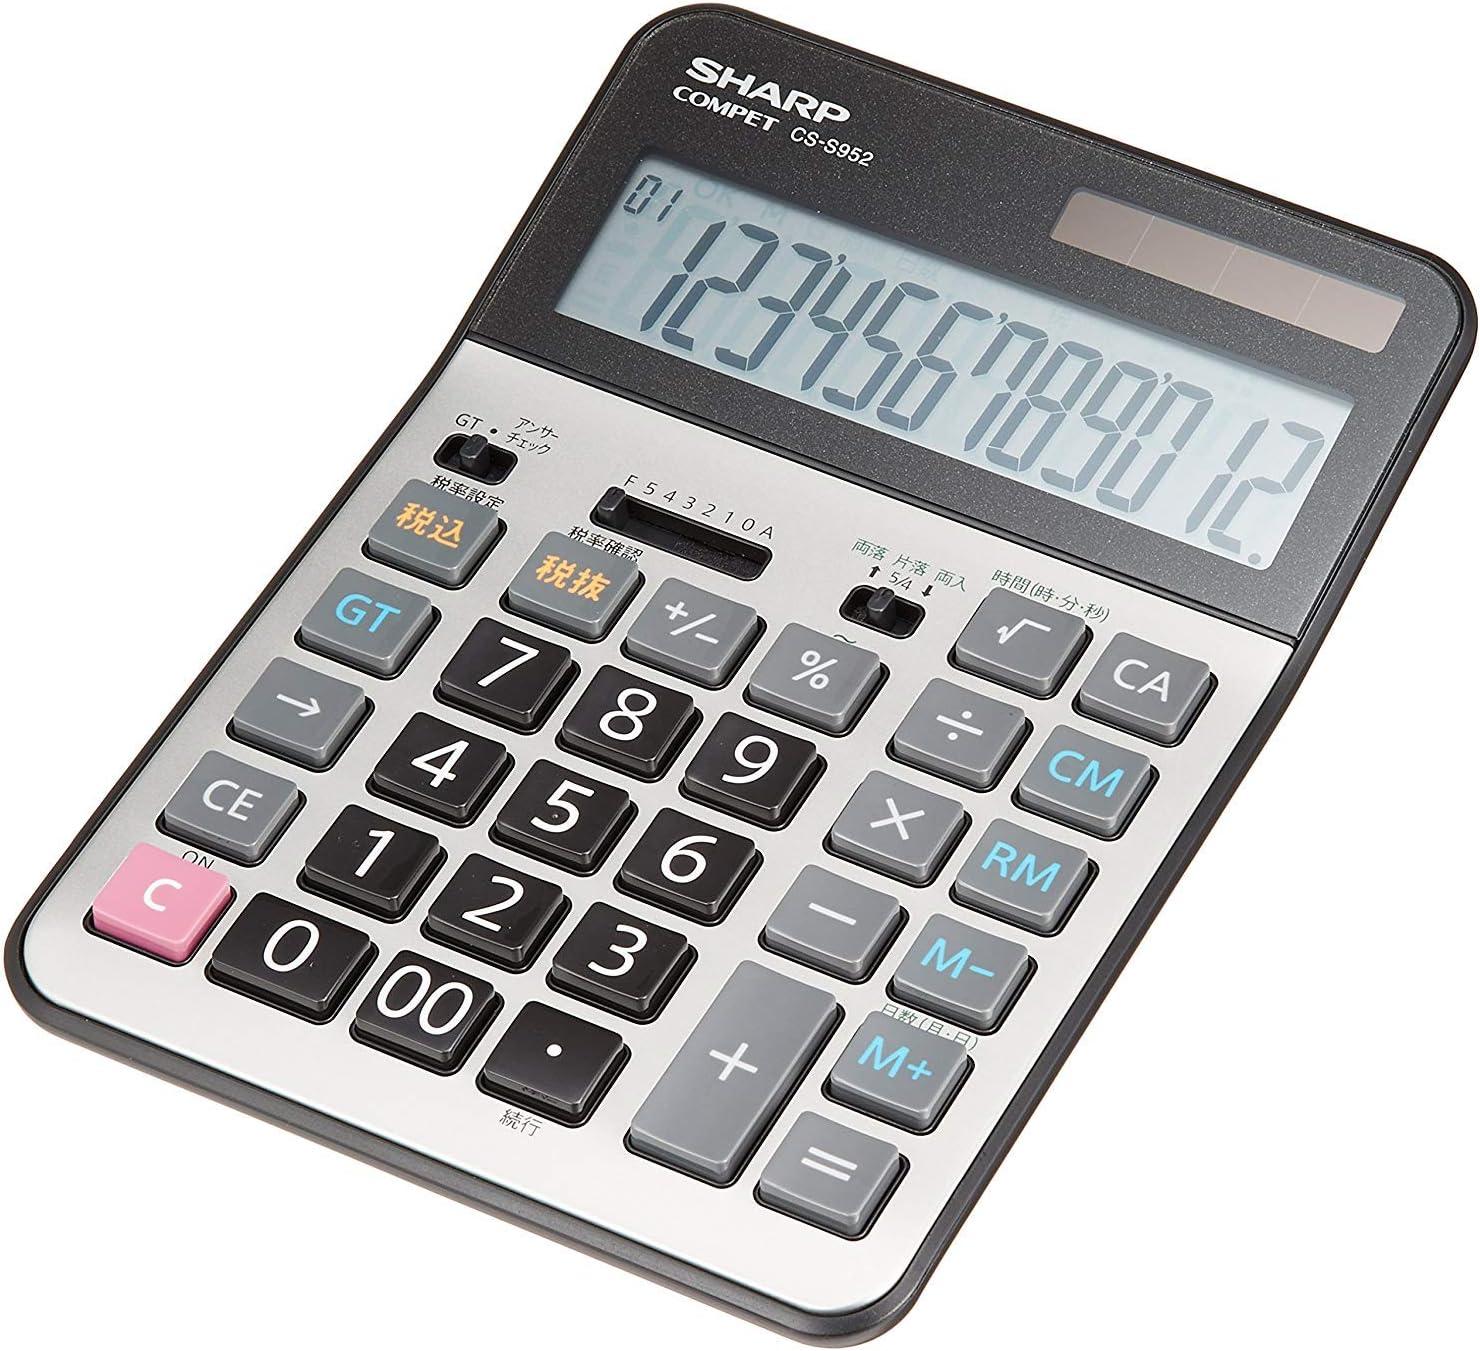 SHARP practice calculator semi Max 43% Max 64% OFF OFF CS-S952X type desktop